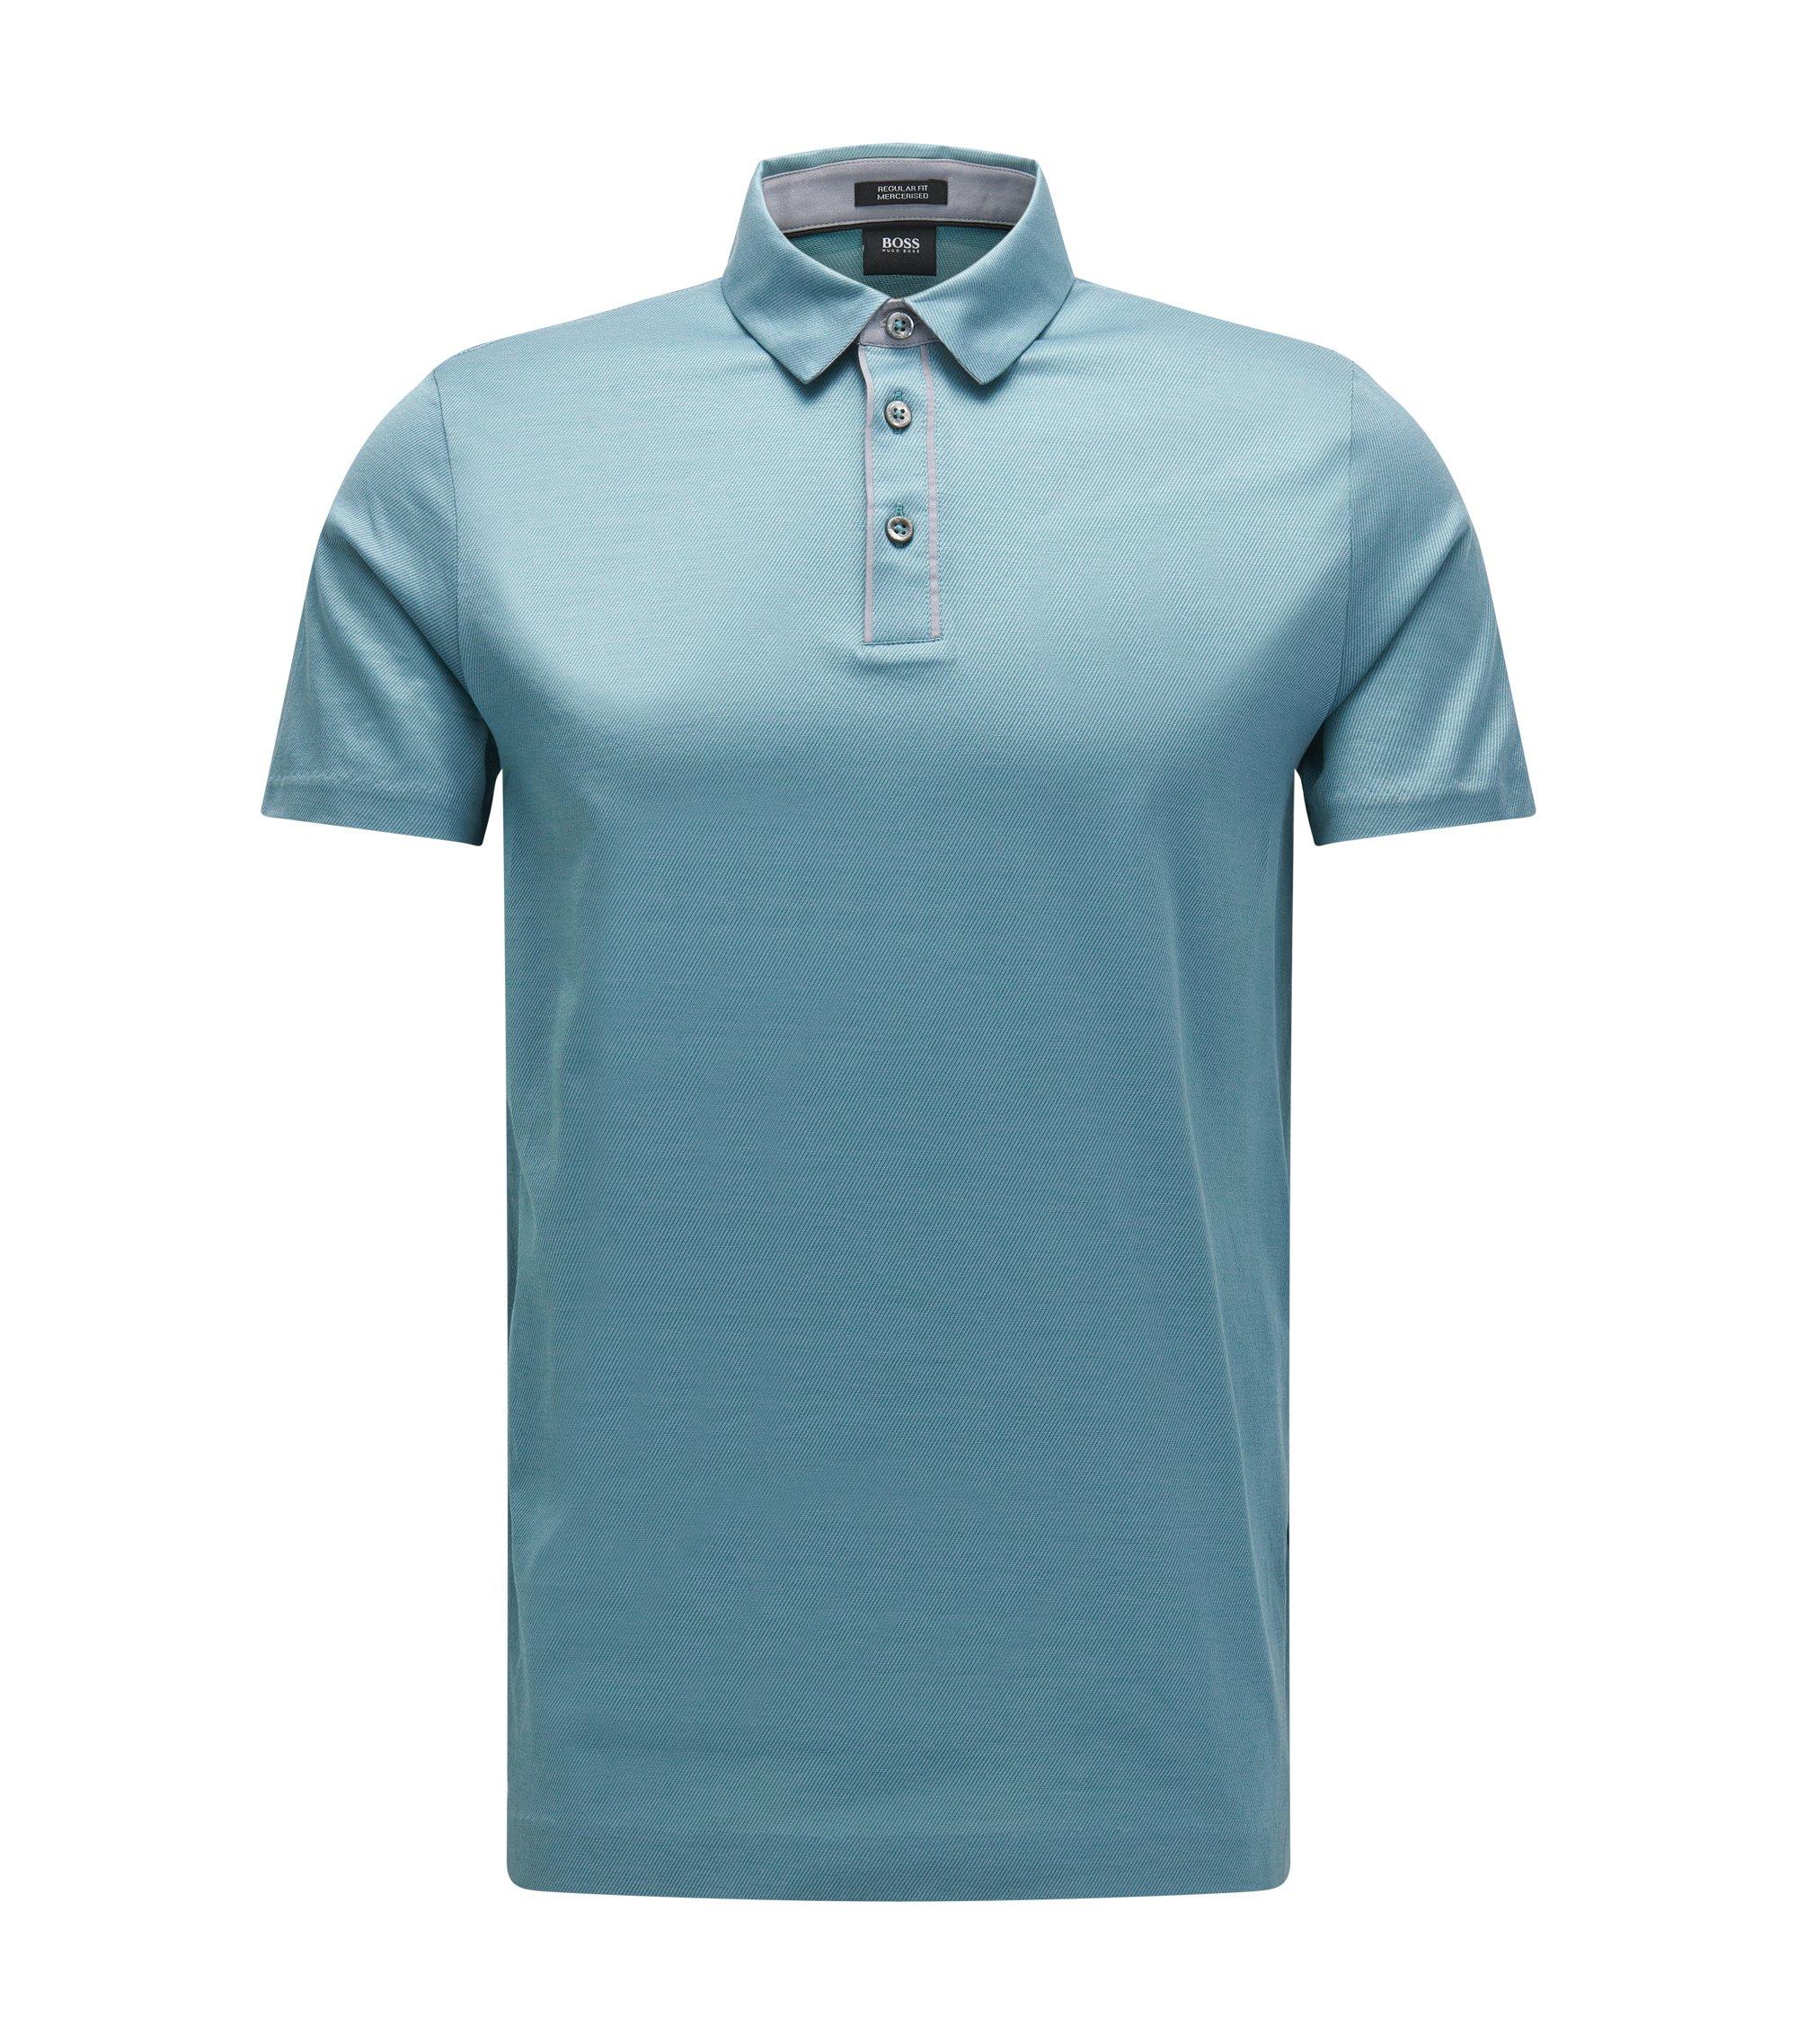 Mercerized Jacquard Cotton Polo Shirt, Regular Fit | Press, Light Blue